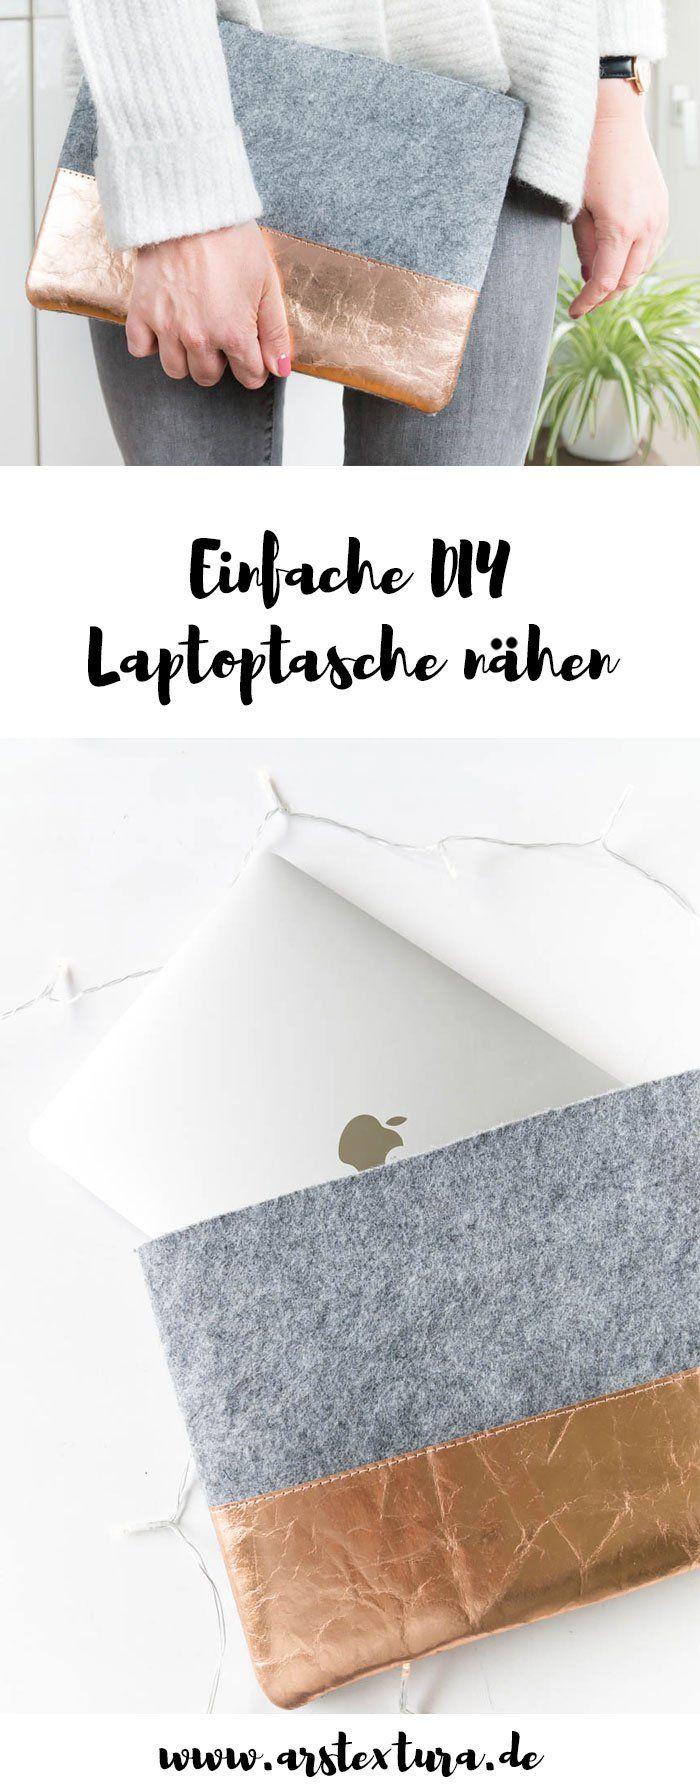 6* Laptoptasche nähen | Laptoptaschen, Diy blog und Diy geschenke